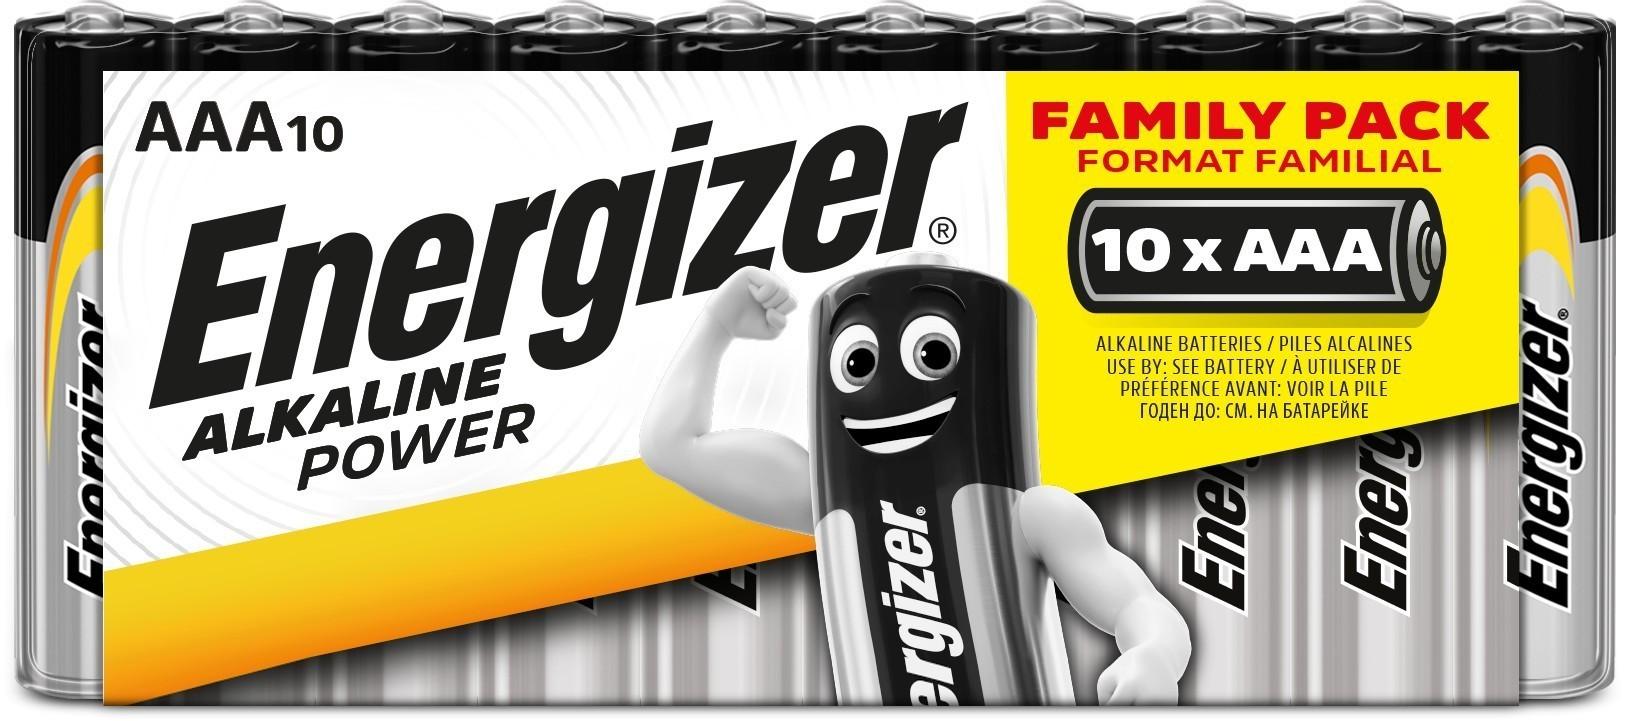 Baterie AAA/LR03 ENERGIZER Alkaline Power, 10 ks